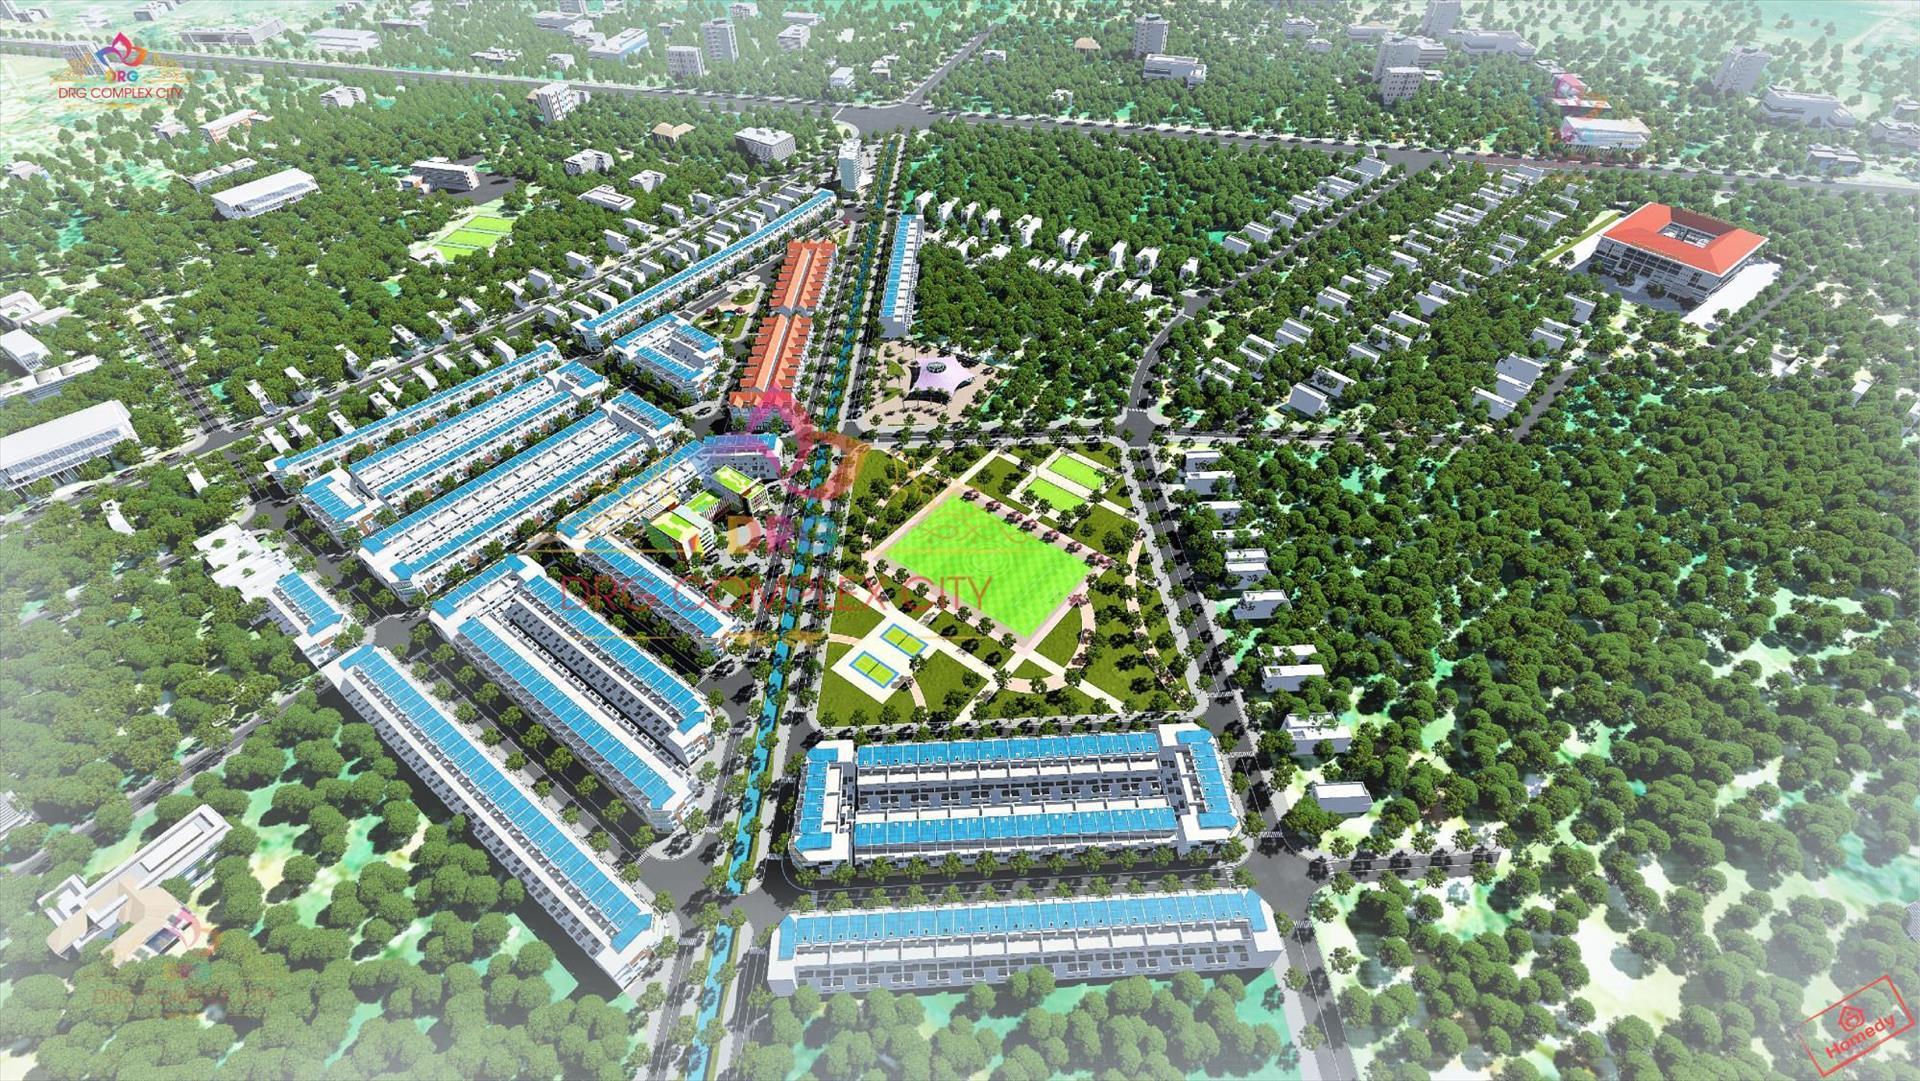 dgr complex city